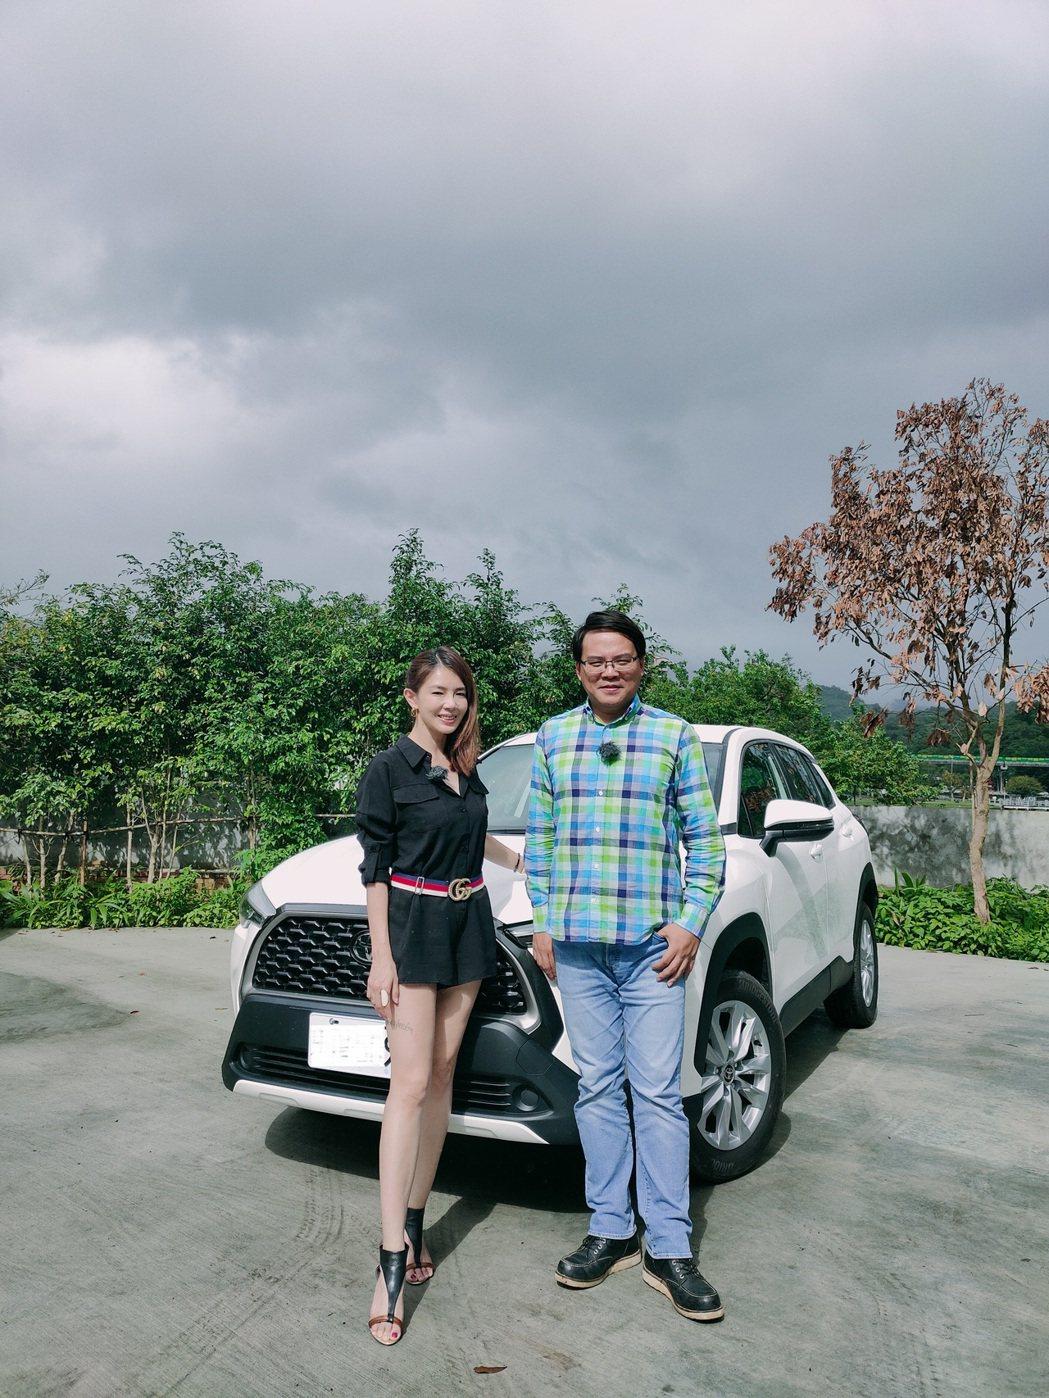 林美貞(左)駕駛技術被網路節目相中,獲邀介紹汽車新知。圖/艾迪昇傳播提供